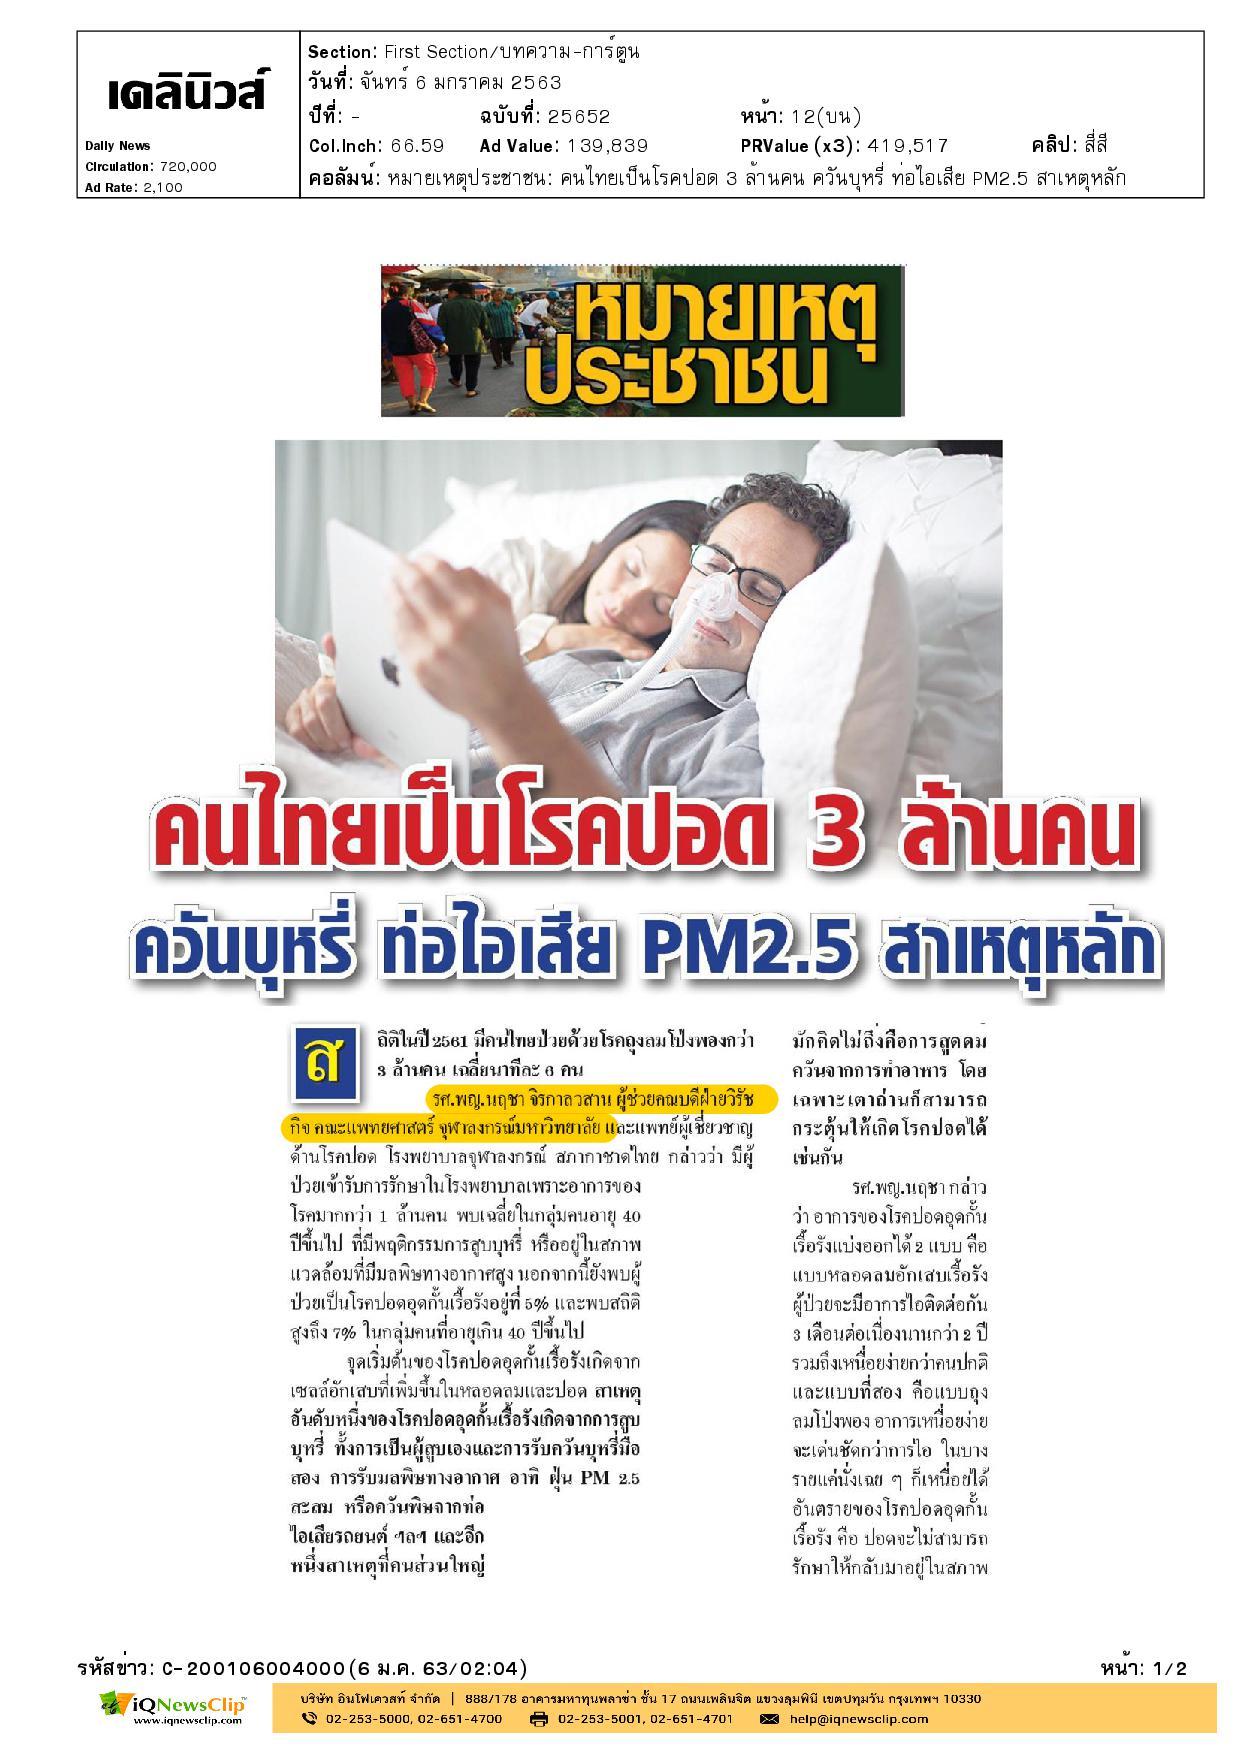 คนไทยเป็นโรคปอด 3 ล้านคน